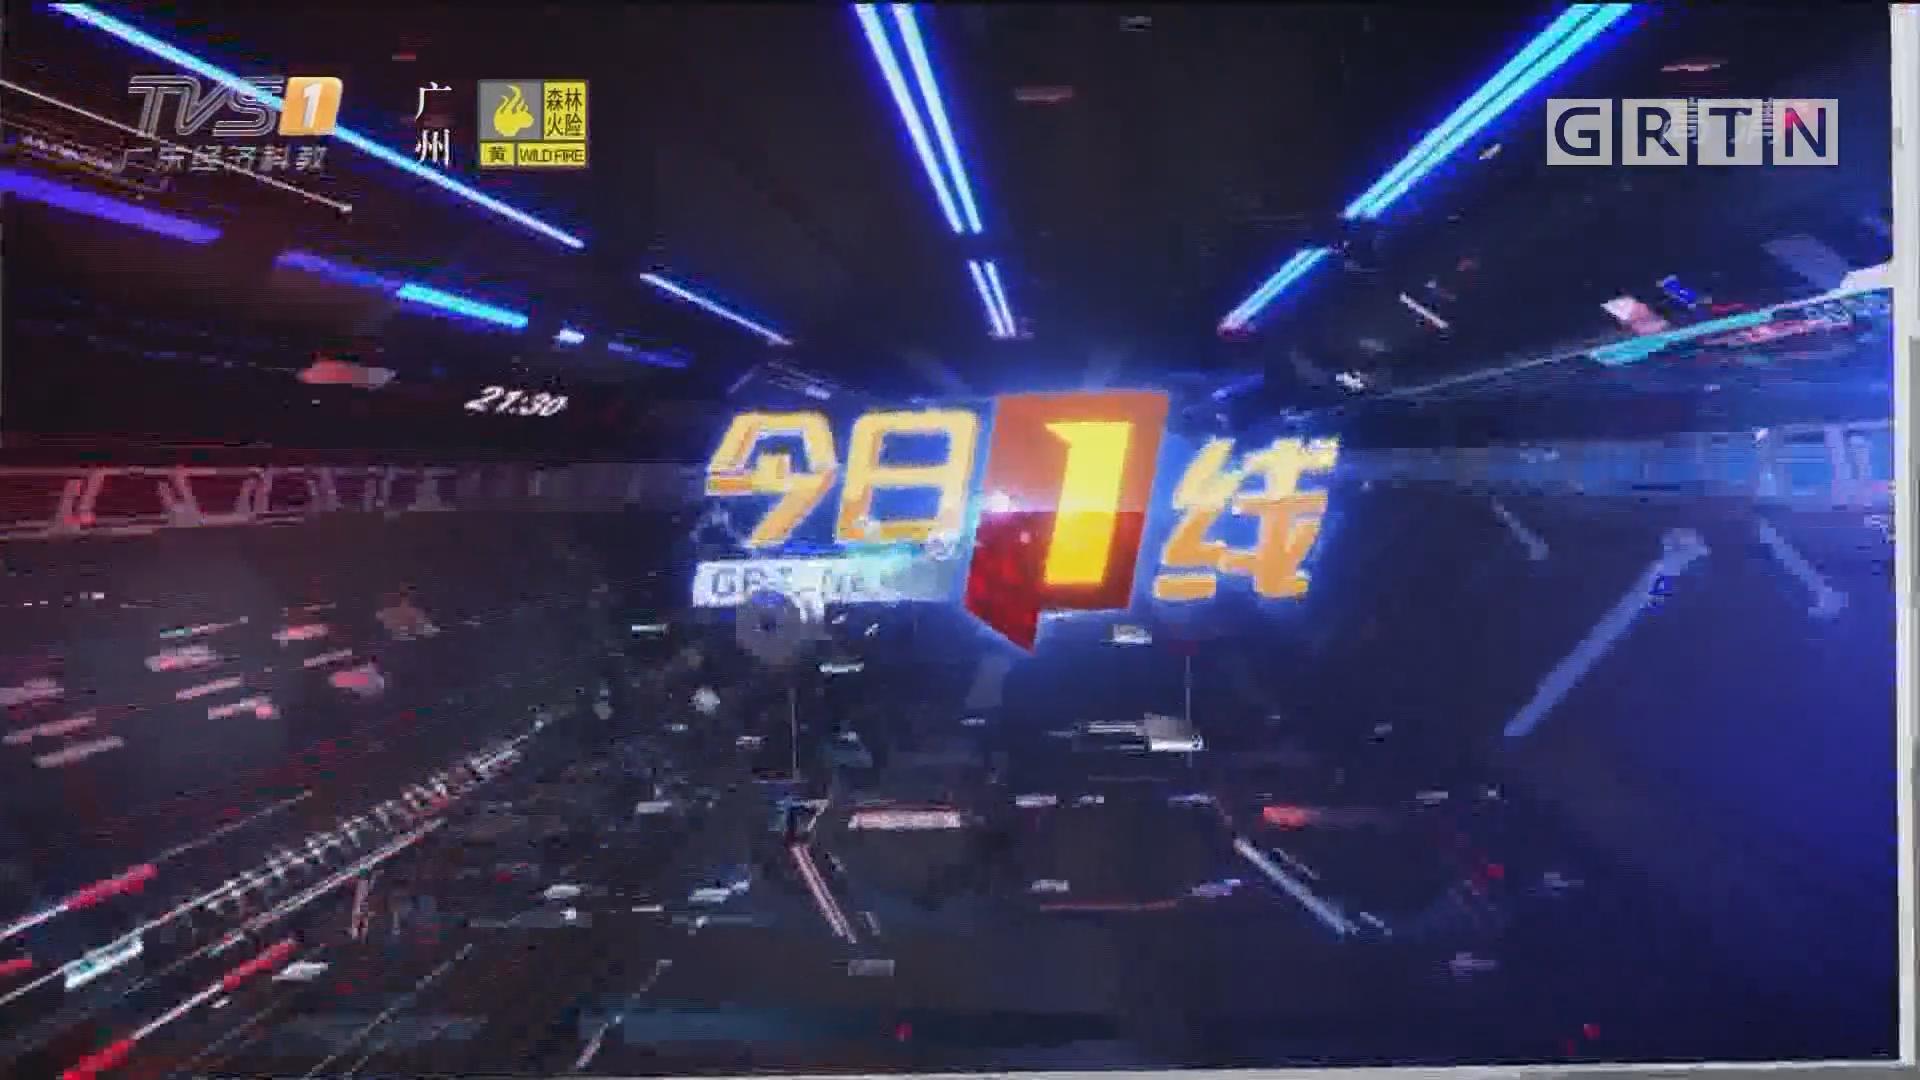 [HD][2019-10-17]今日一线:揭阳产业园:拱桥惊现两三厘米宽裂痕 交通局现场勘查